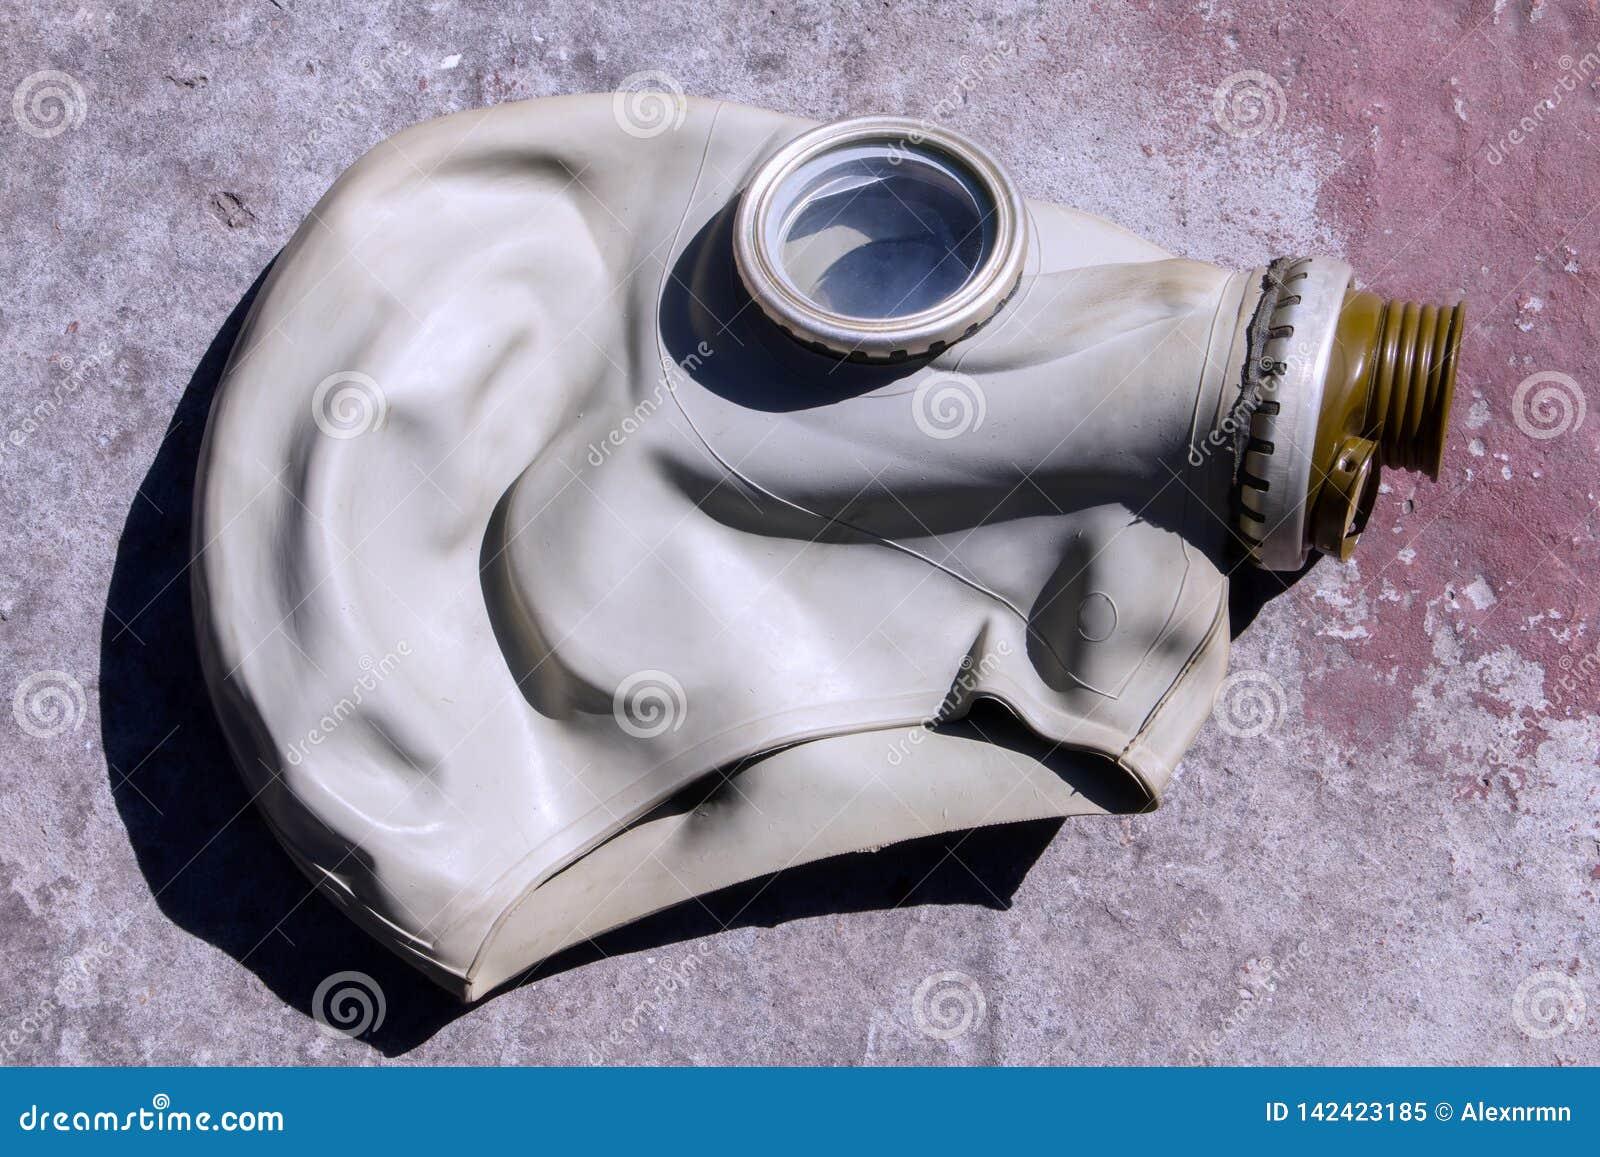 Старая маска противогаза на бетонной плите